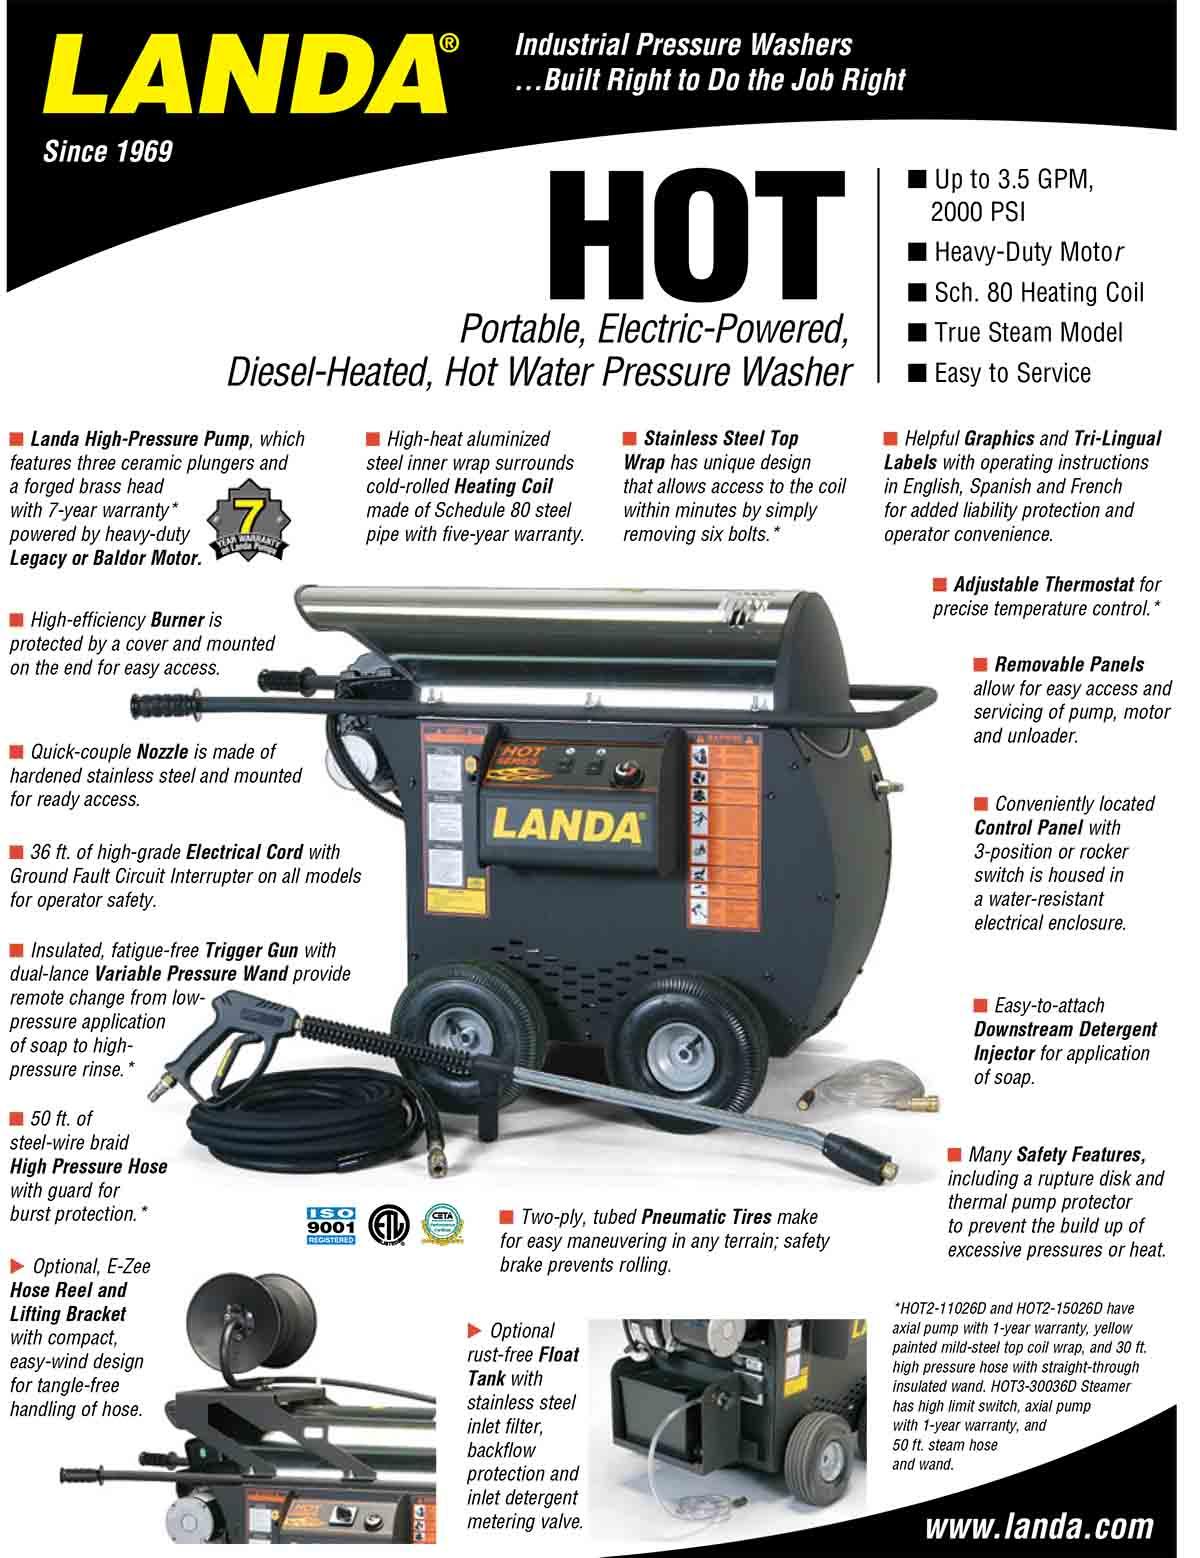 LANDA HOT Equipment Flyer